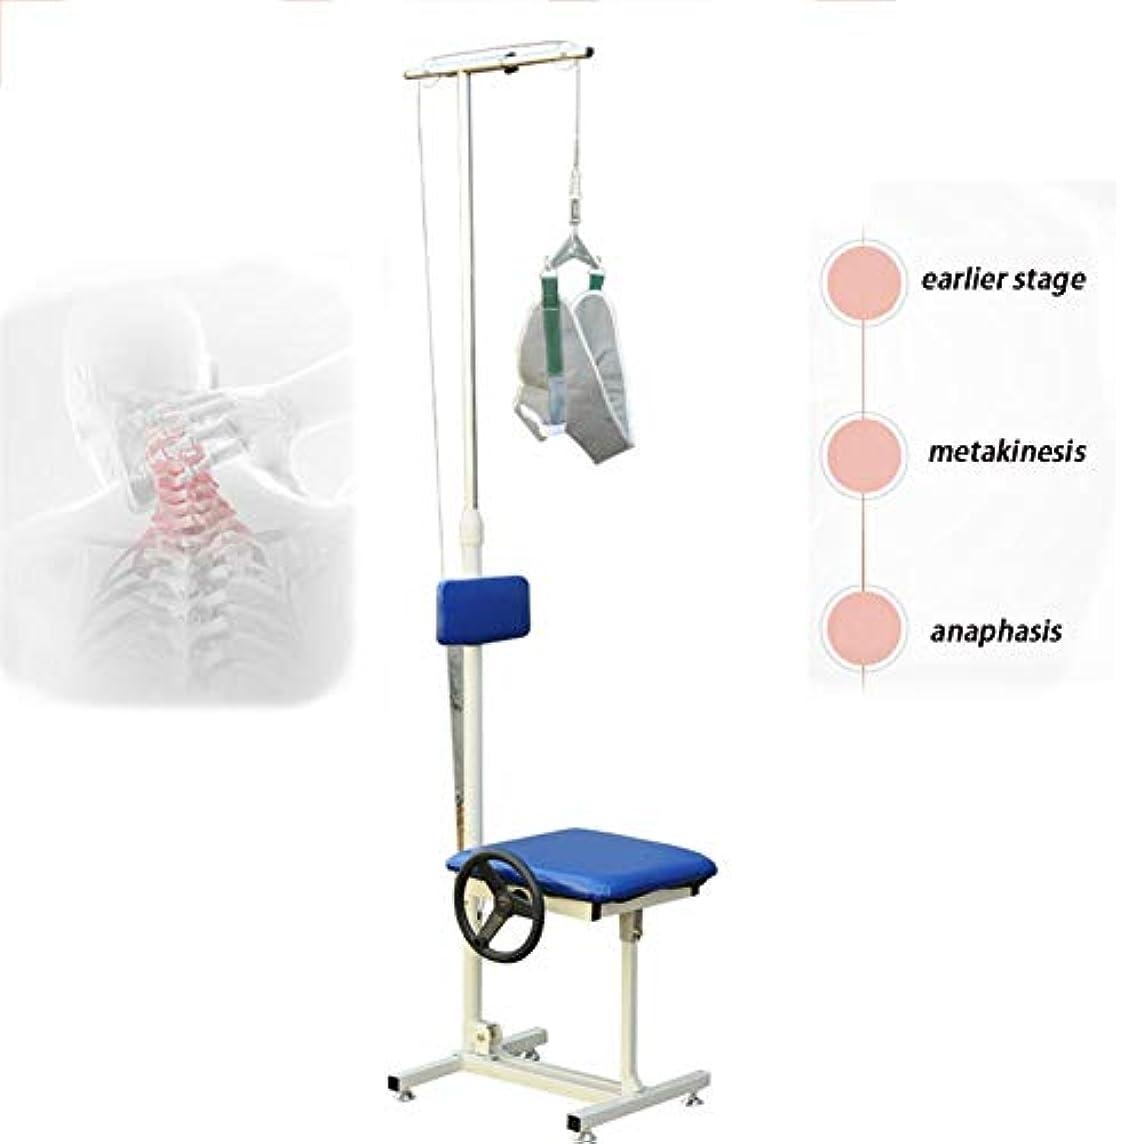 信者ハウジング圧縮ぶら下げ首頸部ストレッチャー、トラクターポータブル健康保護具、椅子治療頸椎矯正フレームぶら下げ首